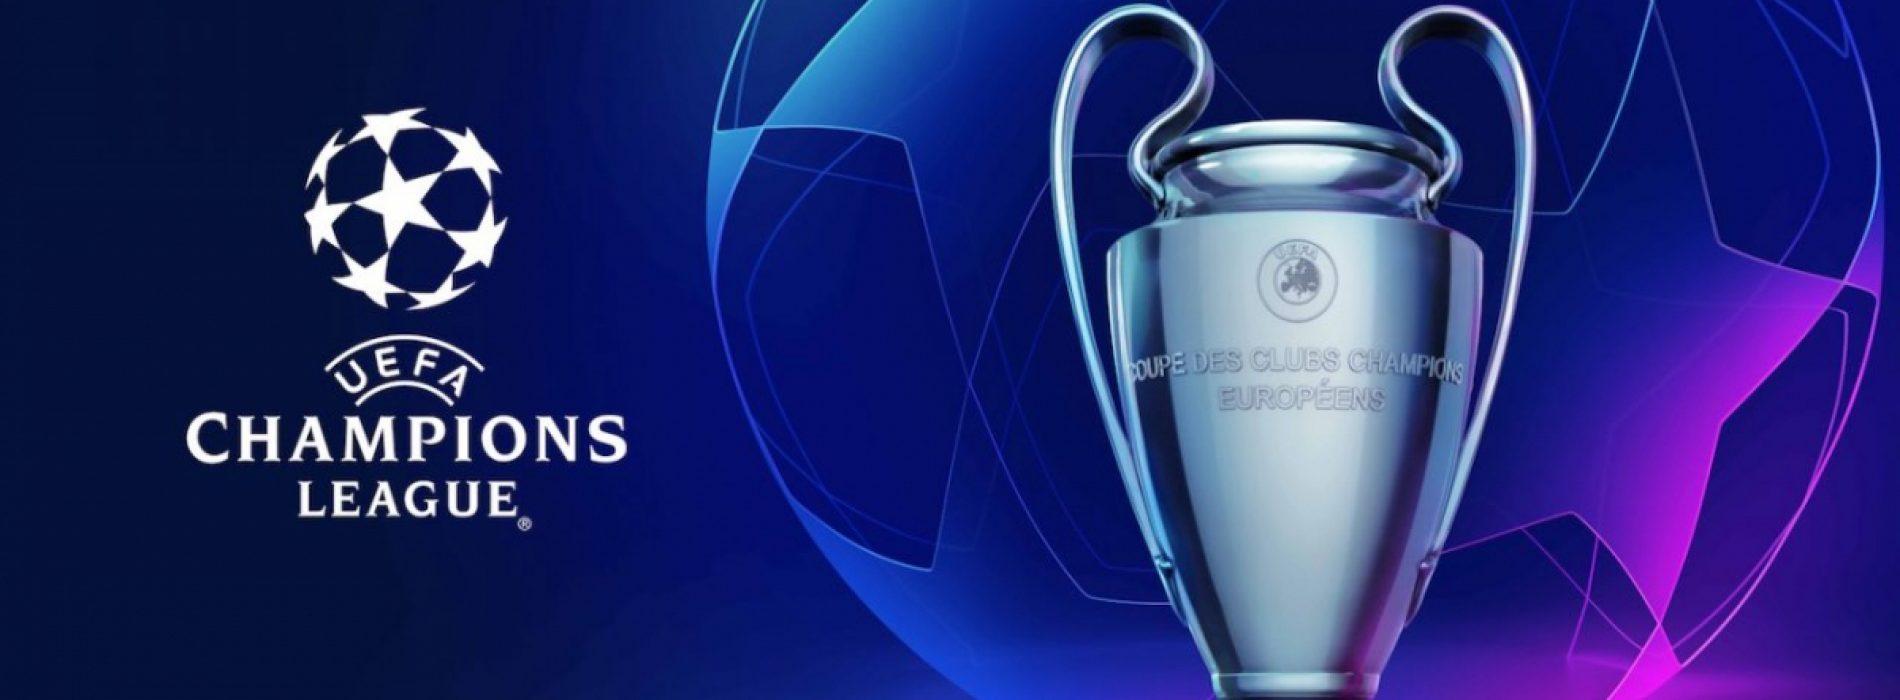 Champions League: qualificate e squadre ancora in corsa